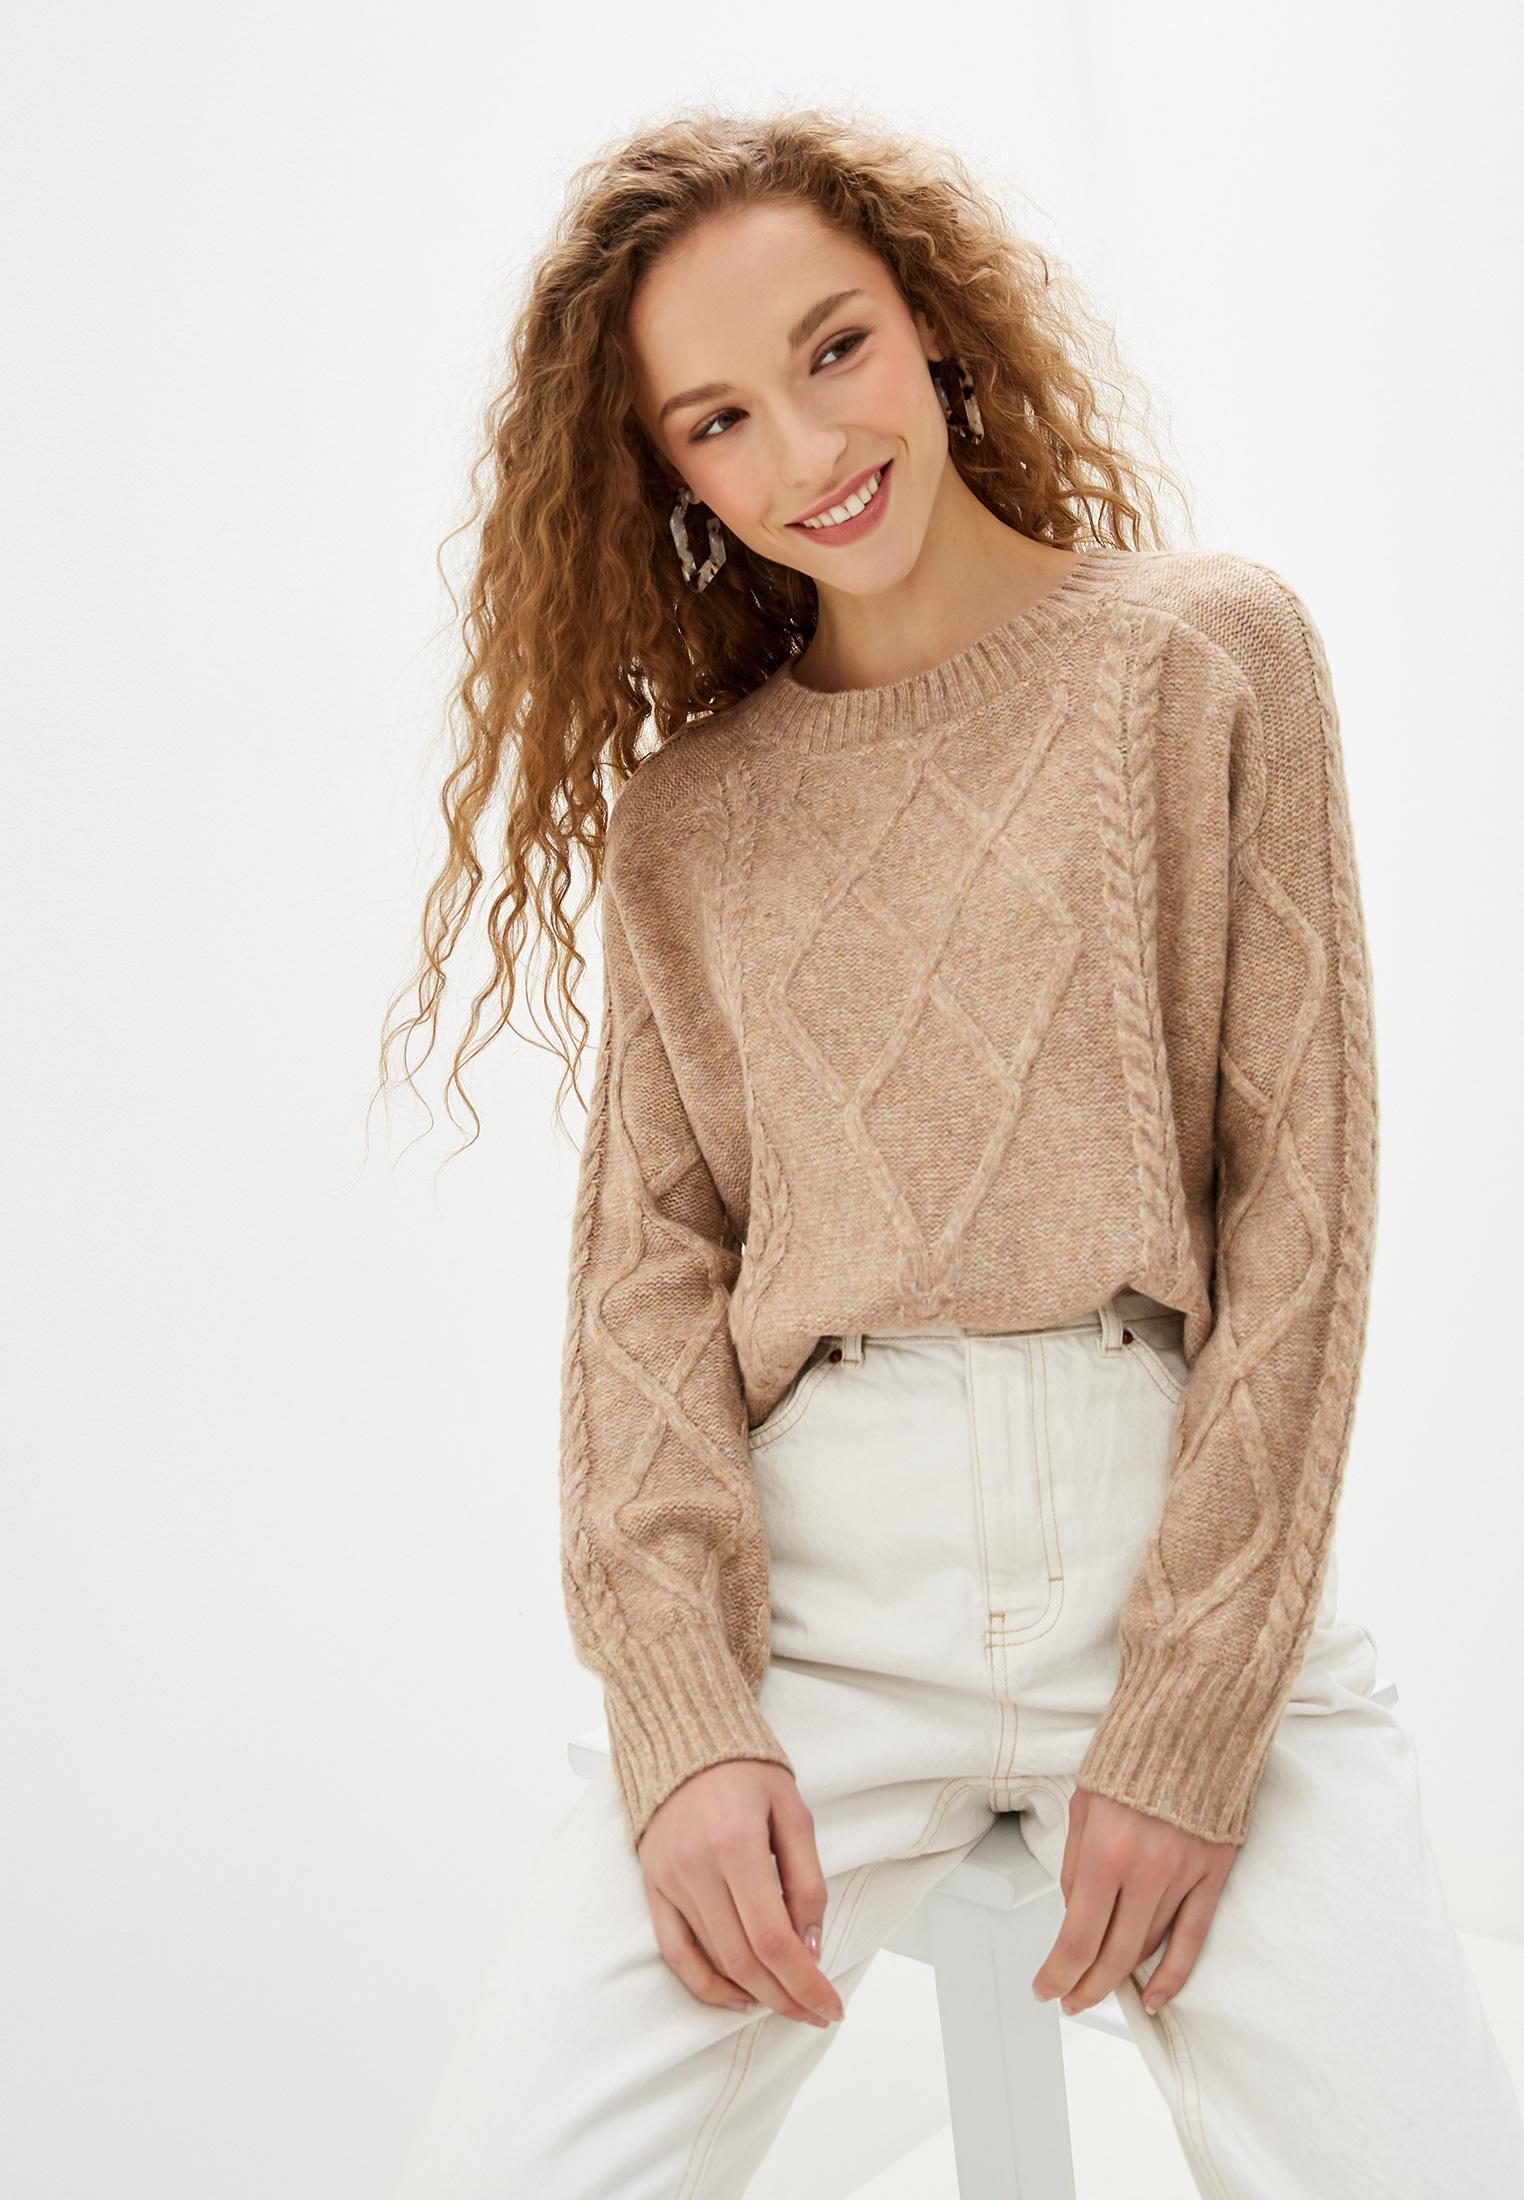 Джемпер, Zarina, цвет: бежевый. Артикул: MP002XW1248W. Одежда / Джемперы, свитеры и кардиганы